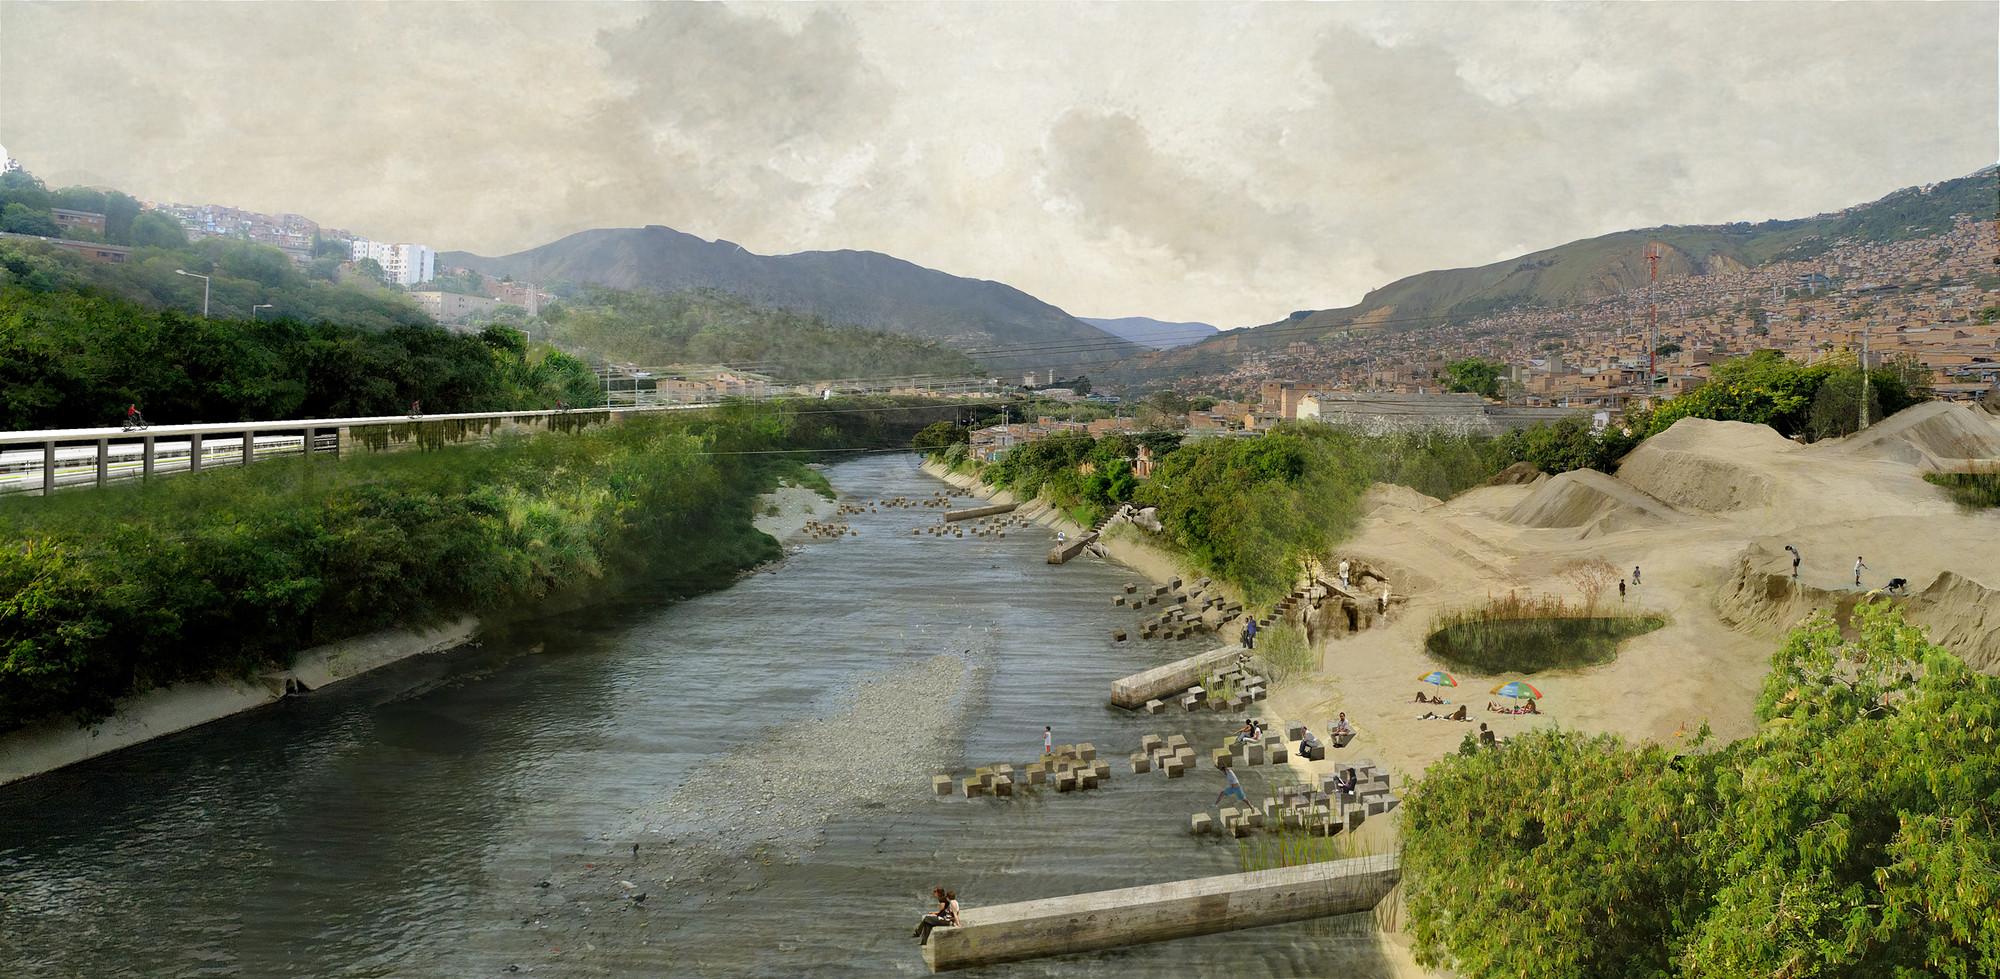 Parque de las arenas. Image Courtesy of Equipo Segundo Lugar